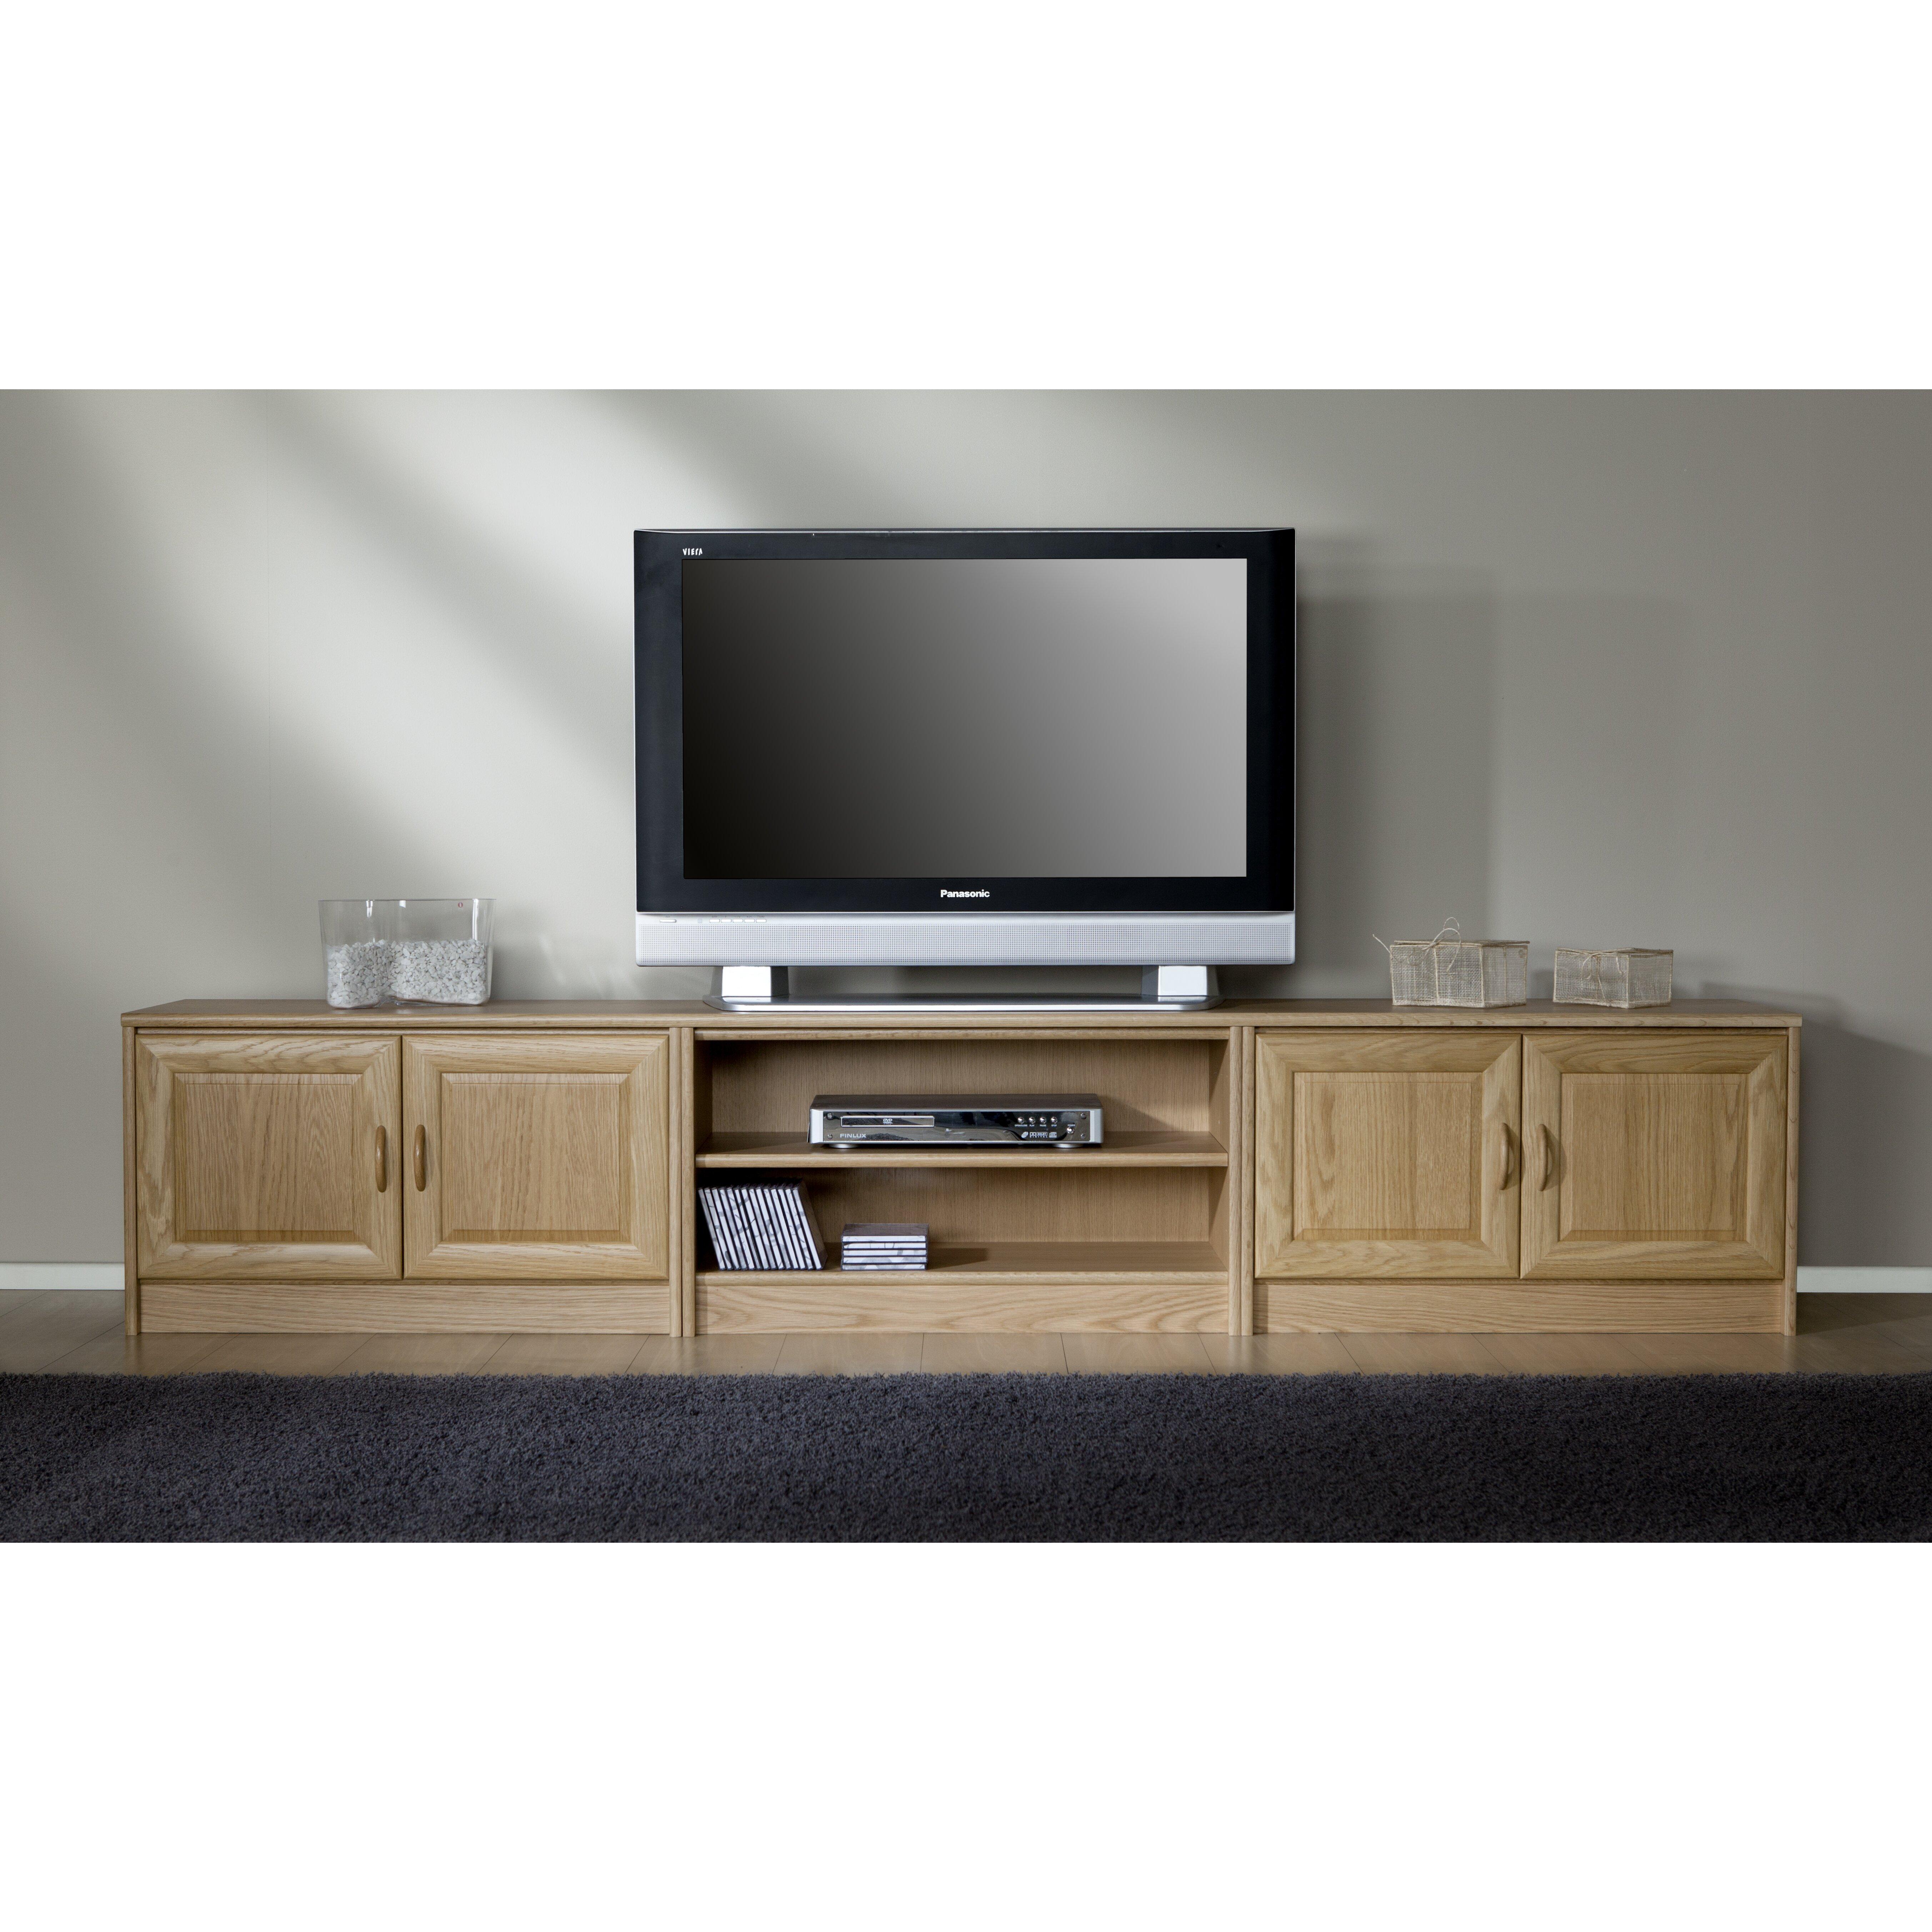 DCor Design Regal TV Stand